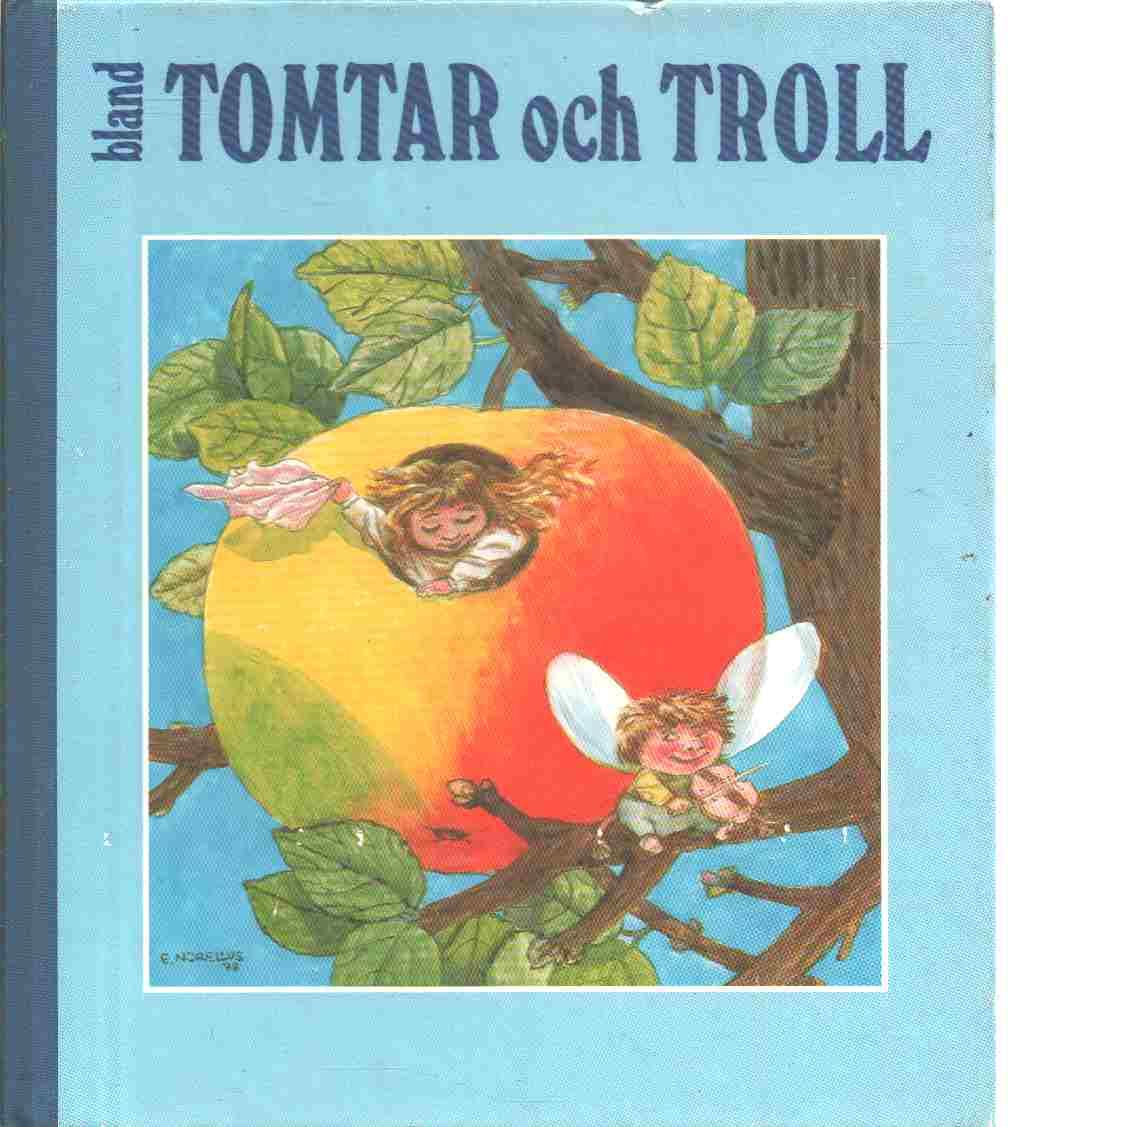 Bland tomtar och troll. Årg. 72 / omsl. och ill.: Einar Norelius - Red.